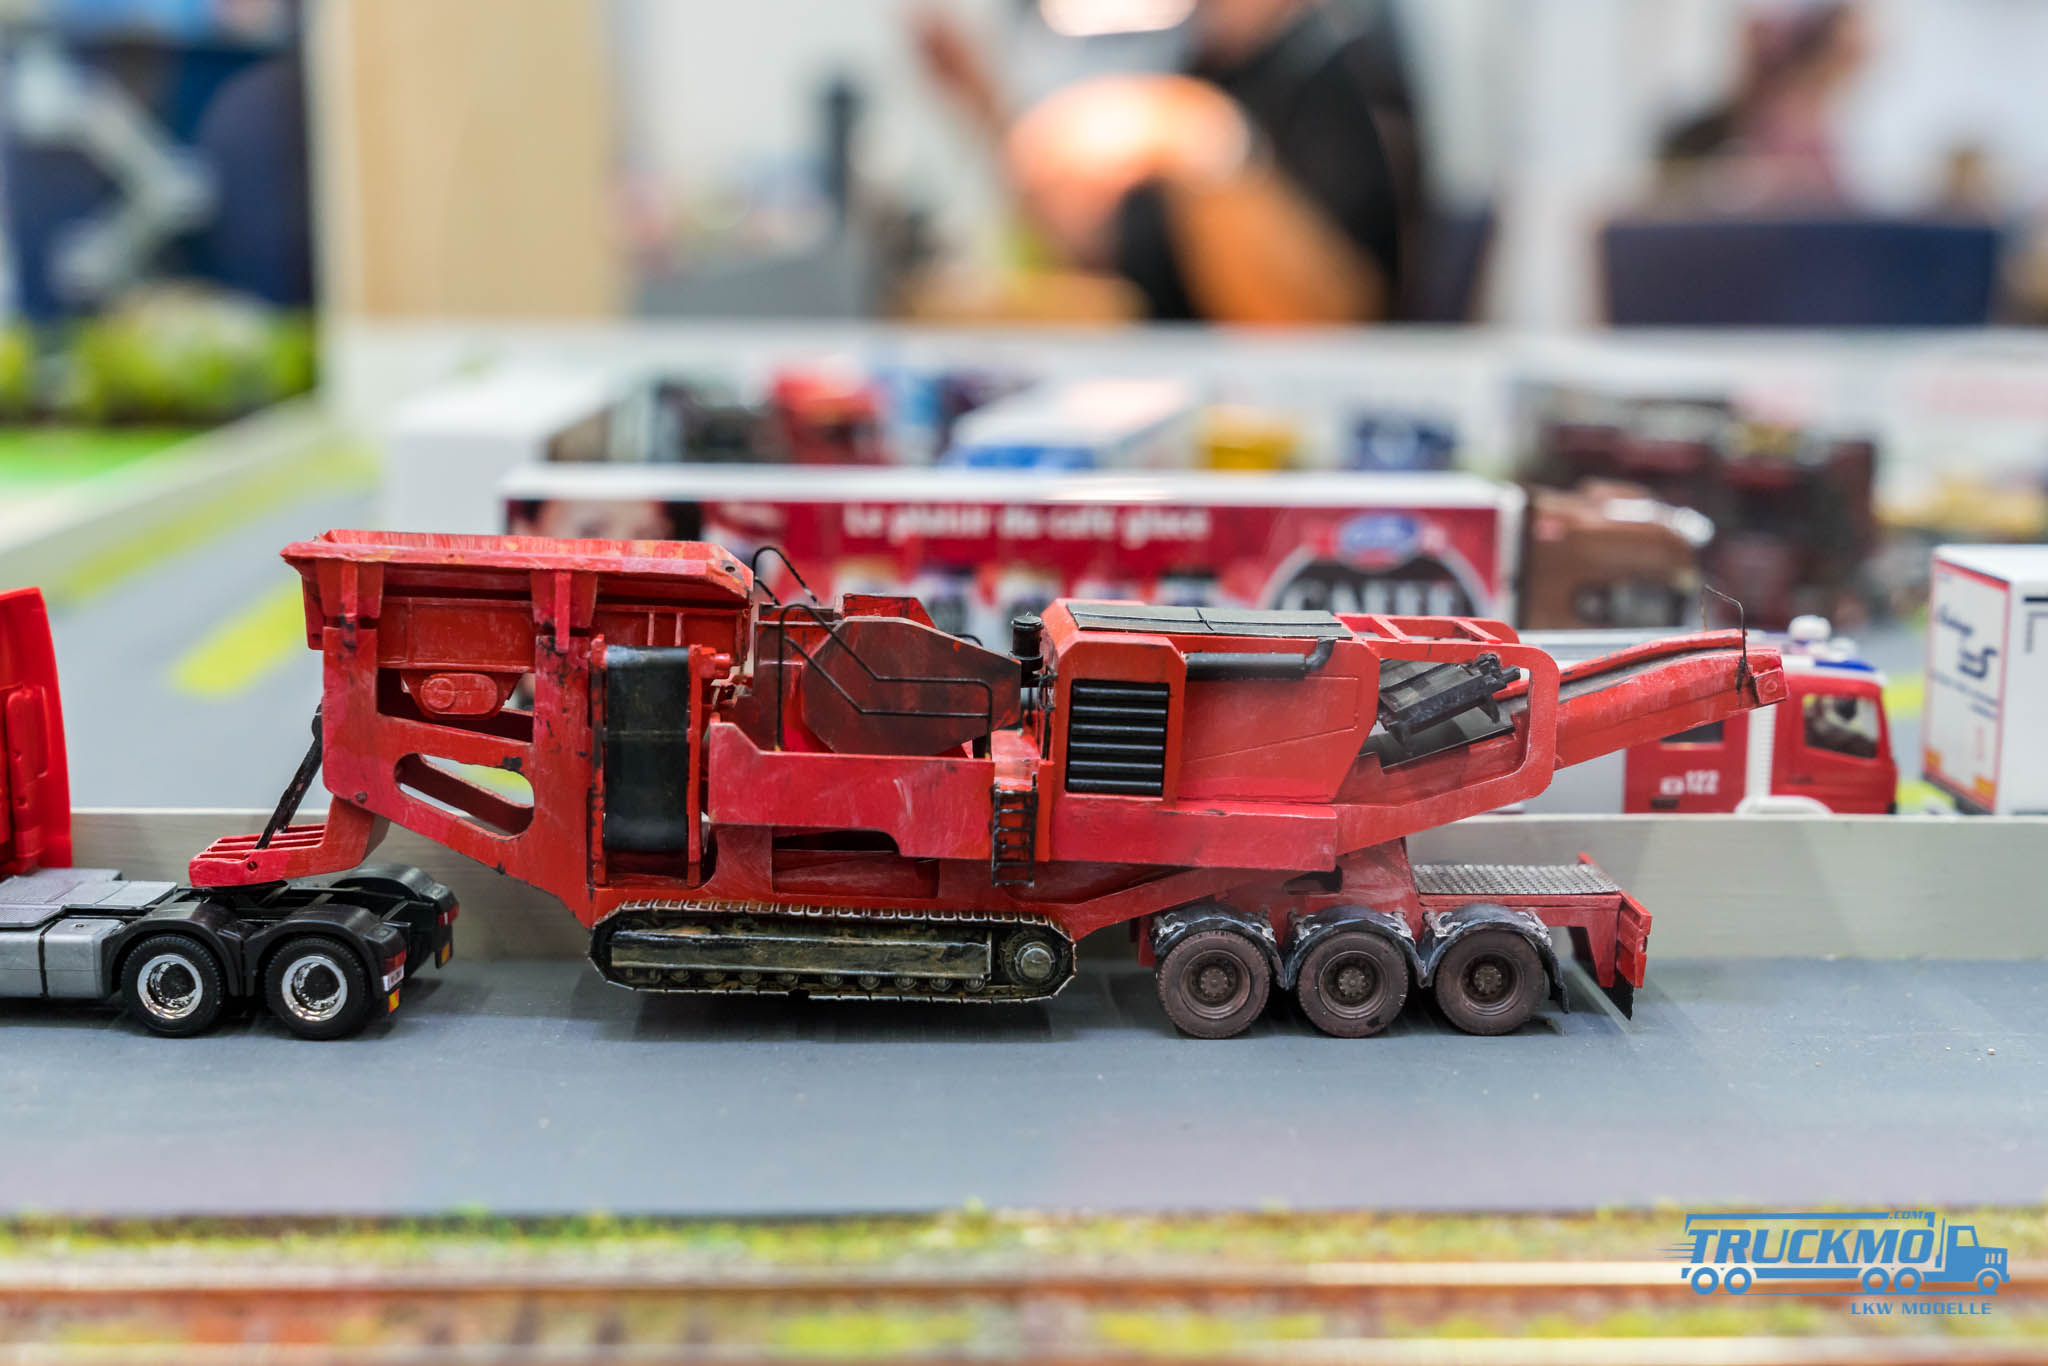 Truckmo_Modellbau_Ried_2017_Herpa_Messe_Modellbauausstellung (185 von 1177)